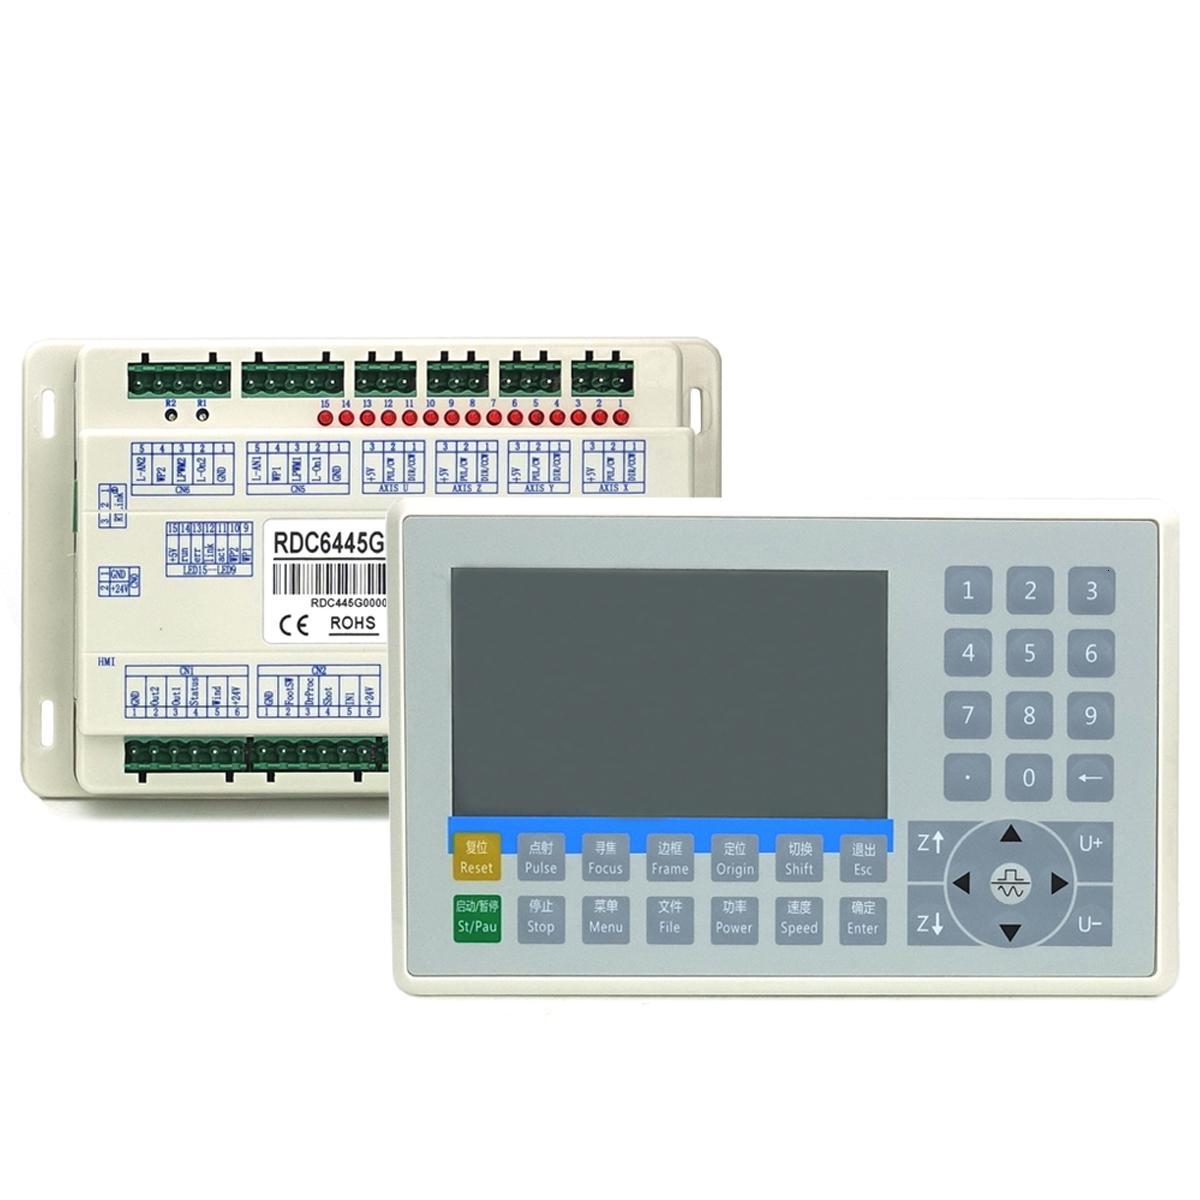 کنترل پنل دستگاه لیزر مدل 6445